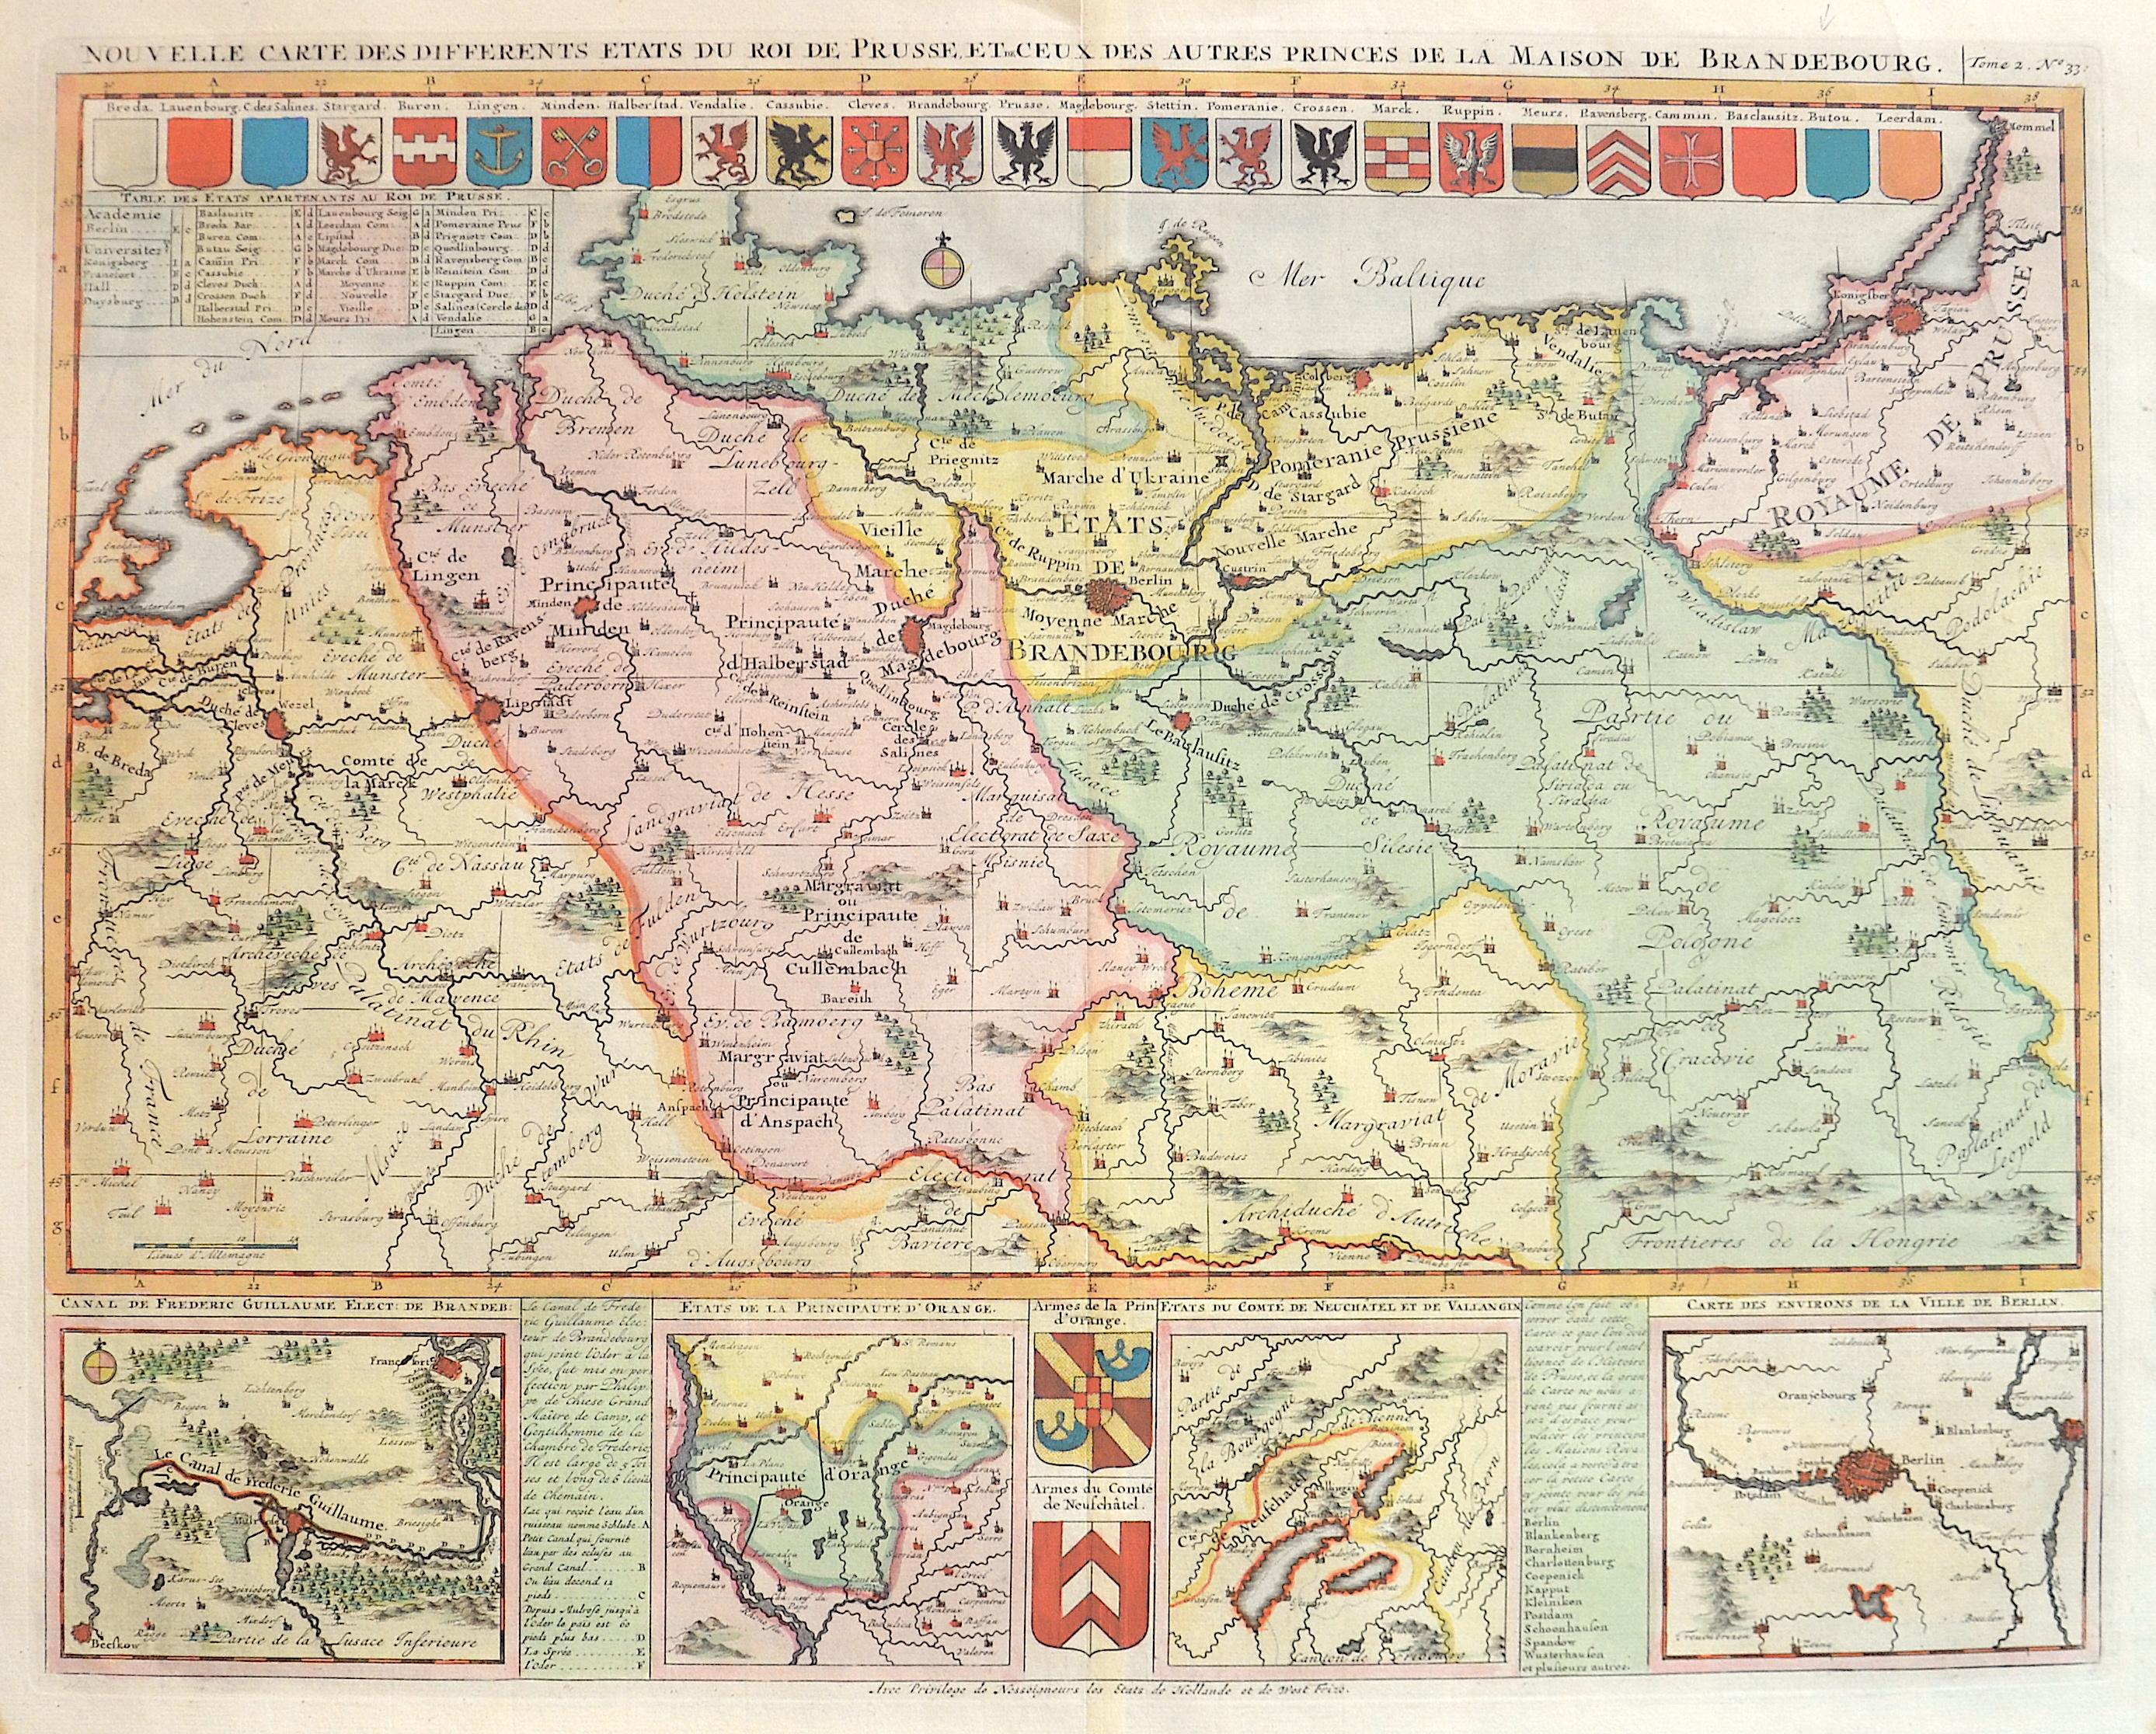 Chatelain Henri Abraham Nouvelle Carte des differents ètats du roi du Prusse et de ceux des autres princes de la maison de Brandebourg